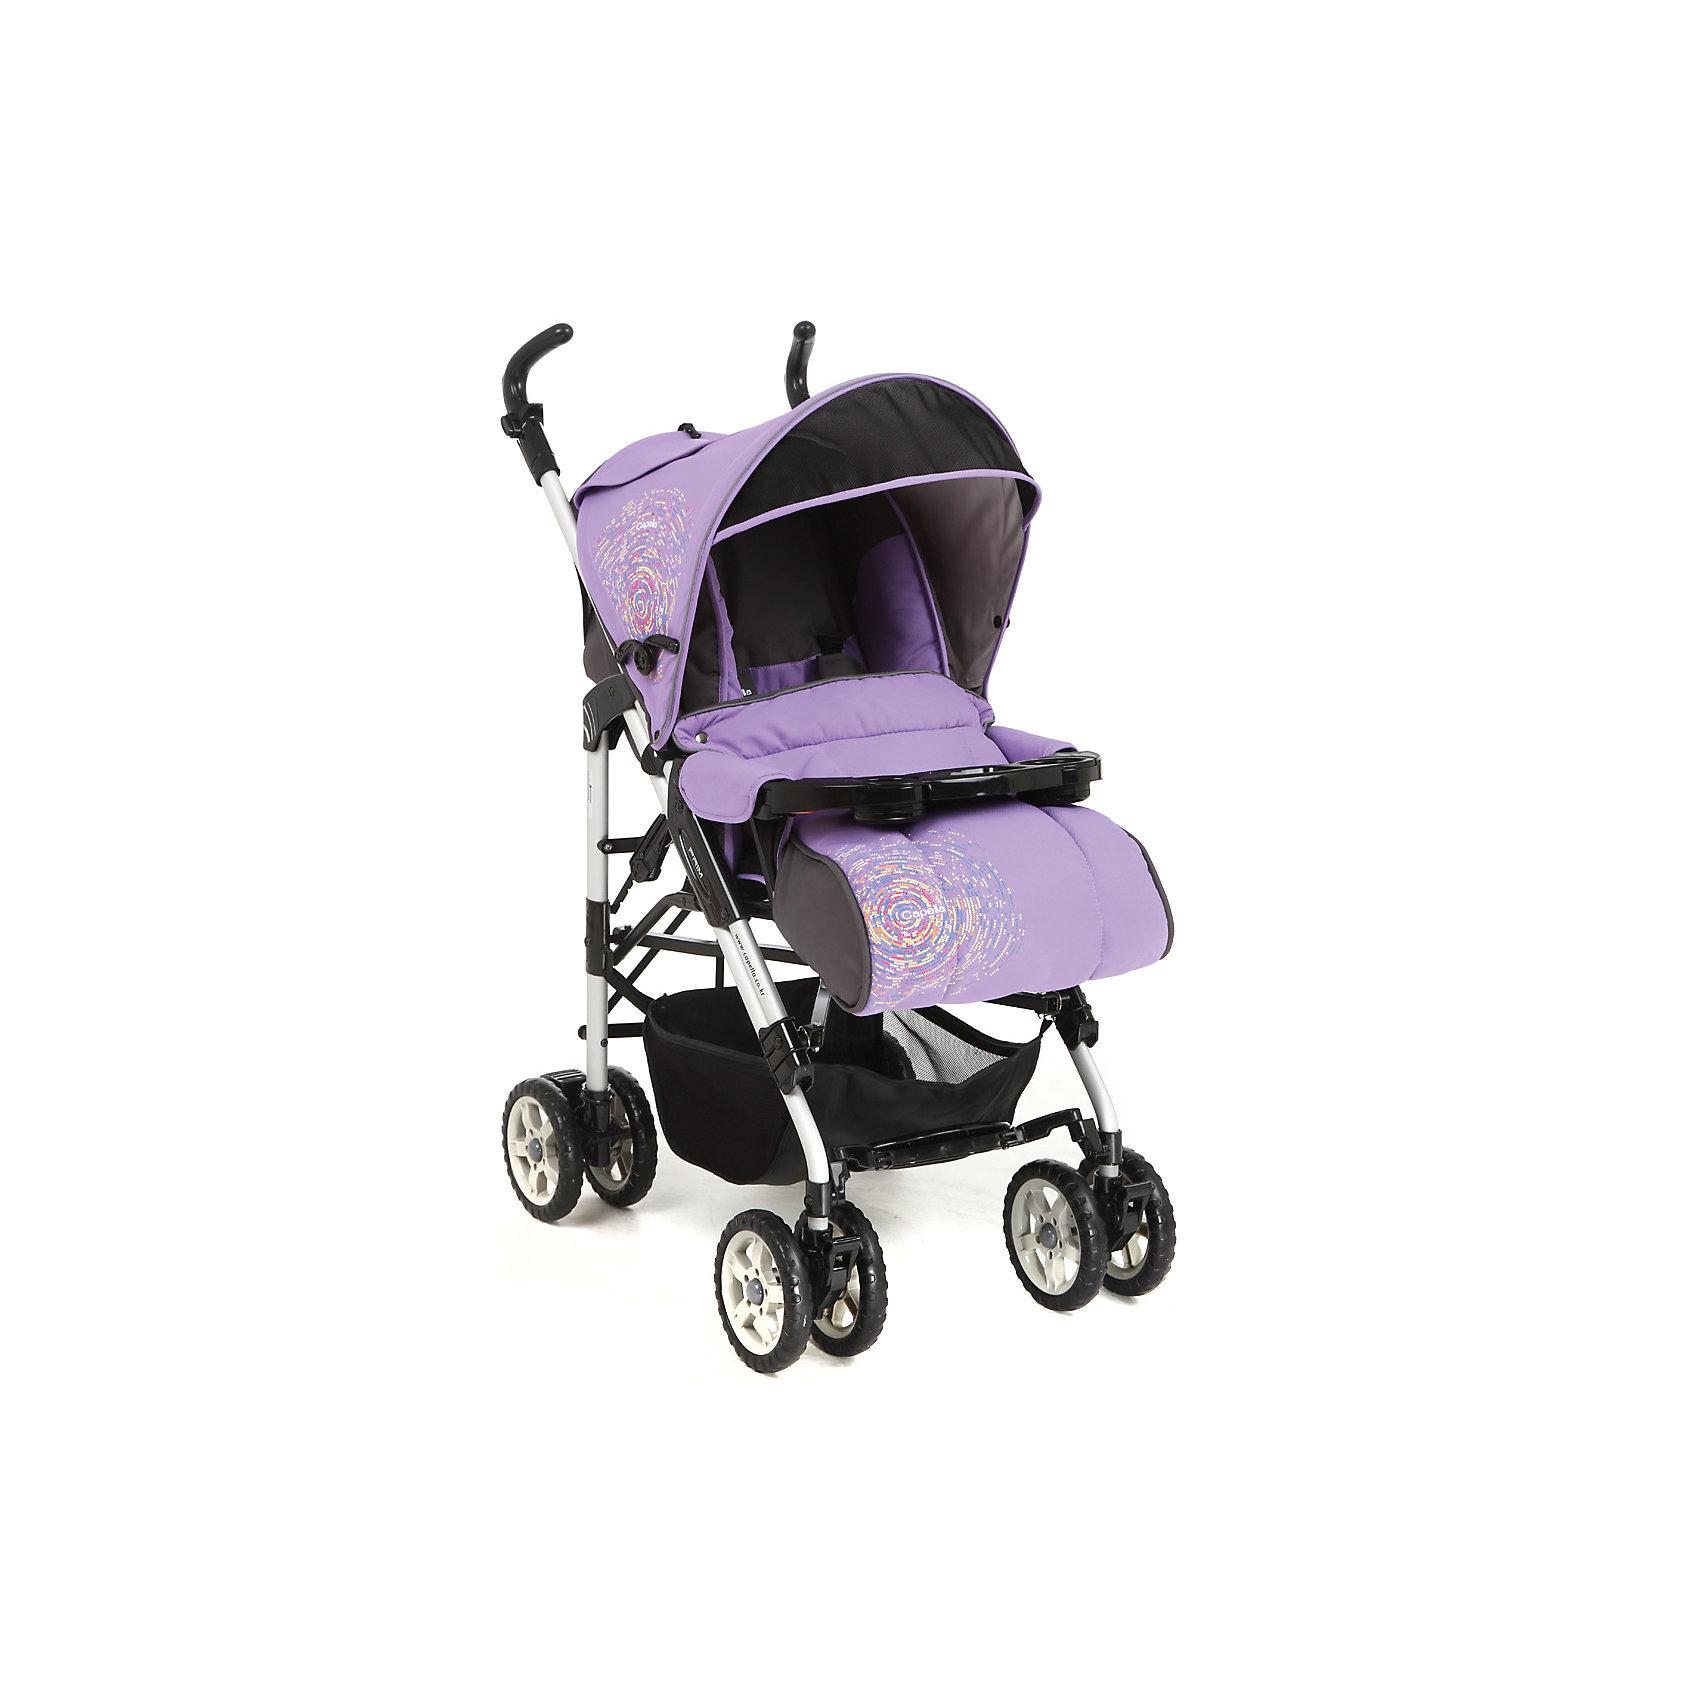 Коляска-трость Capella S-321, фиолетовыйКоляски-трости<br>Надежная и стильная прогулочная коляска выполнена в современном и удобном дизайне. Прочная и удобная коляска-трость позволит перевозить ребенка, не беспокоясь при этом о его безопасности. Приятный цвет коляски практичен и универсален. За счет продуманной формы колес и амортизации коляска отлично будет ехать как по не ровной дороге, так и по снегу. Коляска легкая и прочная.<br>Конструкция - очень устойчивая. Модель дополнена 5-точечными ремнями безопасности. Изделие произведено из качественных и безопасных для малышей материалов, оно соответствуют всем современным требованиям безопасности.<br><br>Дополнительная информация:<br><br>цвет: фиолетовый;<br>механизм складывания: трость; <br>возраст ребенка: от 6 месяцев;<br>вес коляски: 10,2 кг;<br>4 двойных колеса;<br>фиксация передних колес;<br>регулировка подножки по высоте;<br>ремни безопасности: пятиточечные;<br>регулировка ручки по высоте<br>дождевик;<br>москитная сетка;<br>раскладывается на 180 градусов;<br>положение лежа;<br>мягкая подвеска;<br>материал: пластик, металл, текстиль.<br><br>Прогулочную коляску S-321, фиолетовый от компании Capella можно купить в нашем магазине.<br><br>Ширина мм: 1000<br>Глубина мм: 530<br>Высота мм: 730<br>Вес г: 10000<br>Возраст от месяцев: 6<br>Возраст до месяцев: 36<br>Пол: Унисекс<br>Возраст: Детский<br>SKU: 4778511